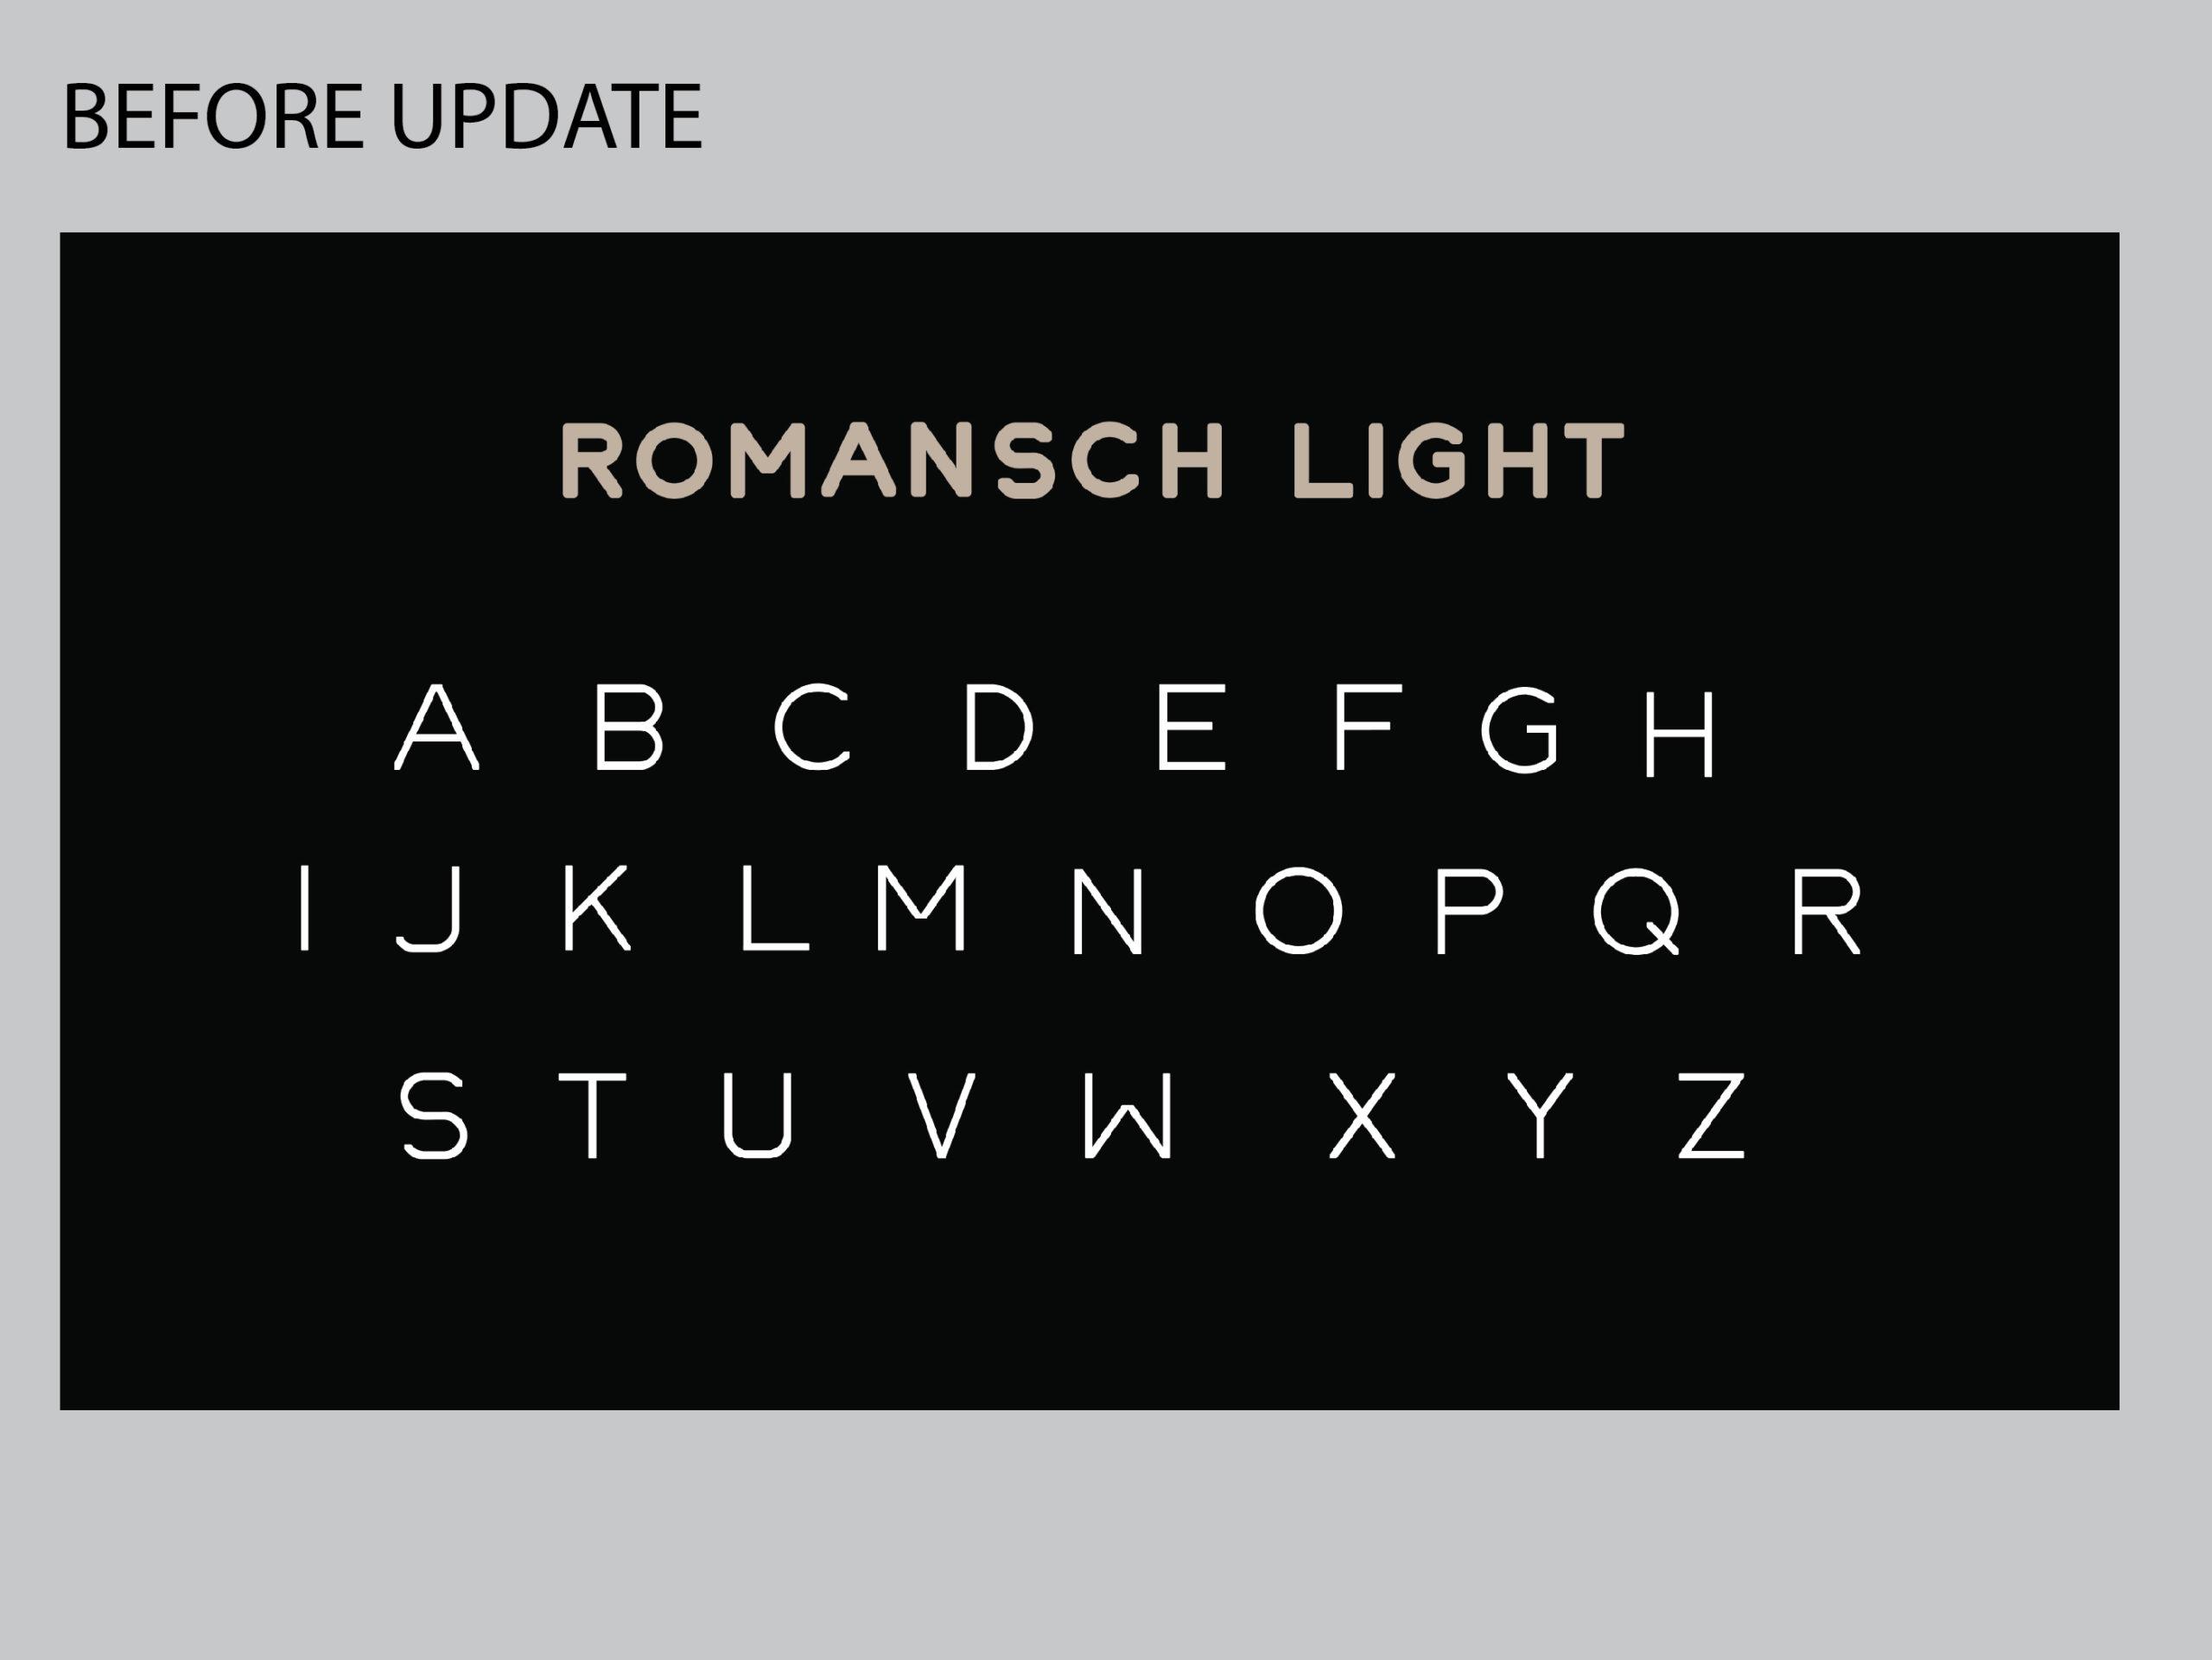 RoughWorkTemplate_Romansch-03